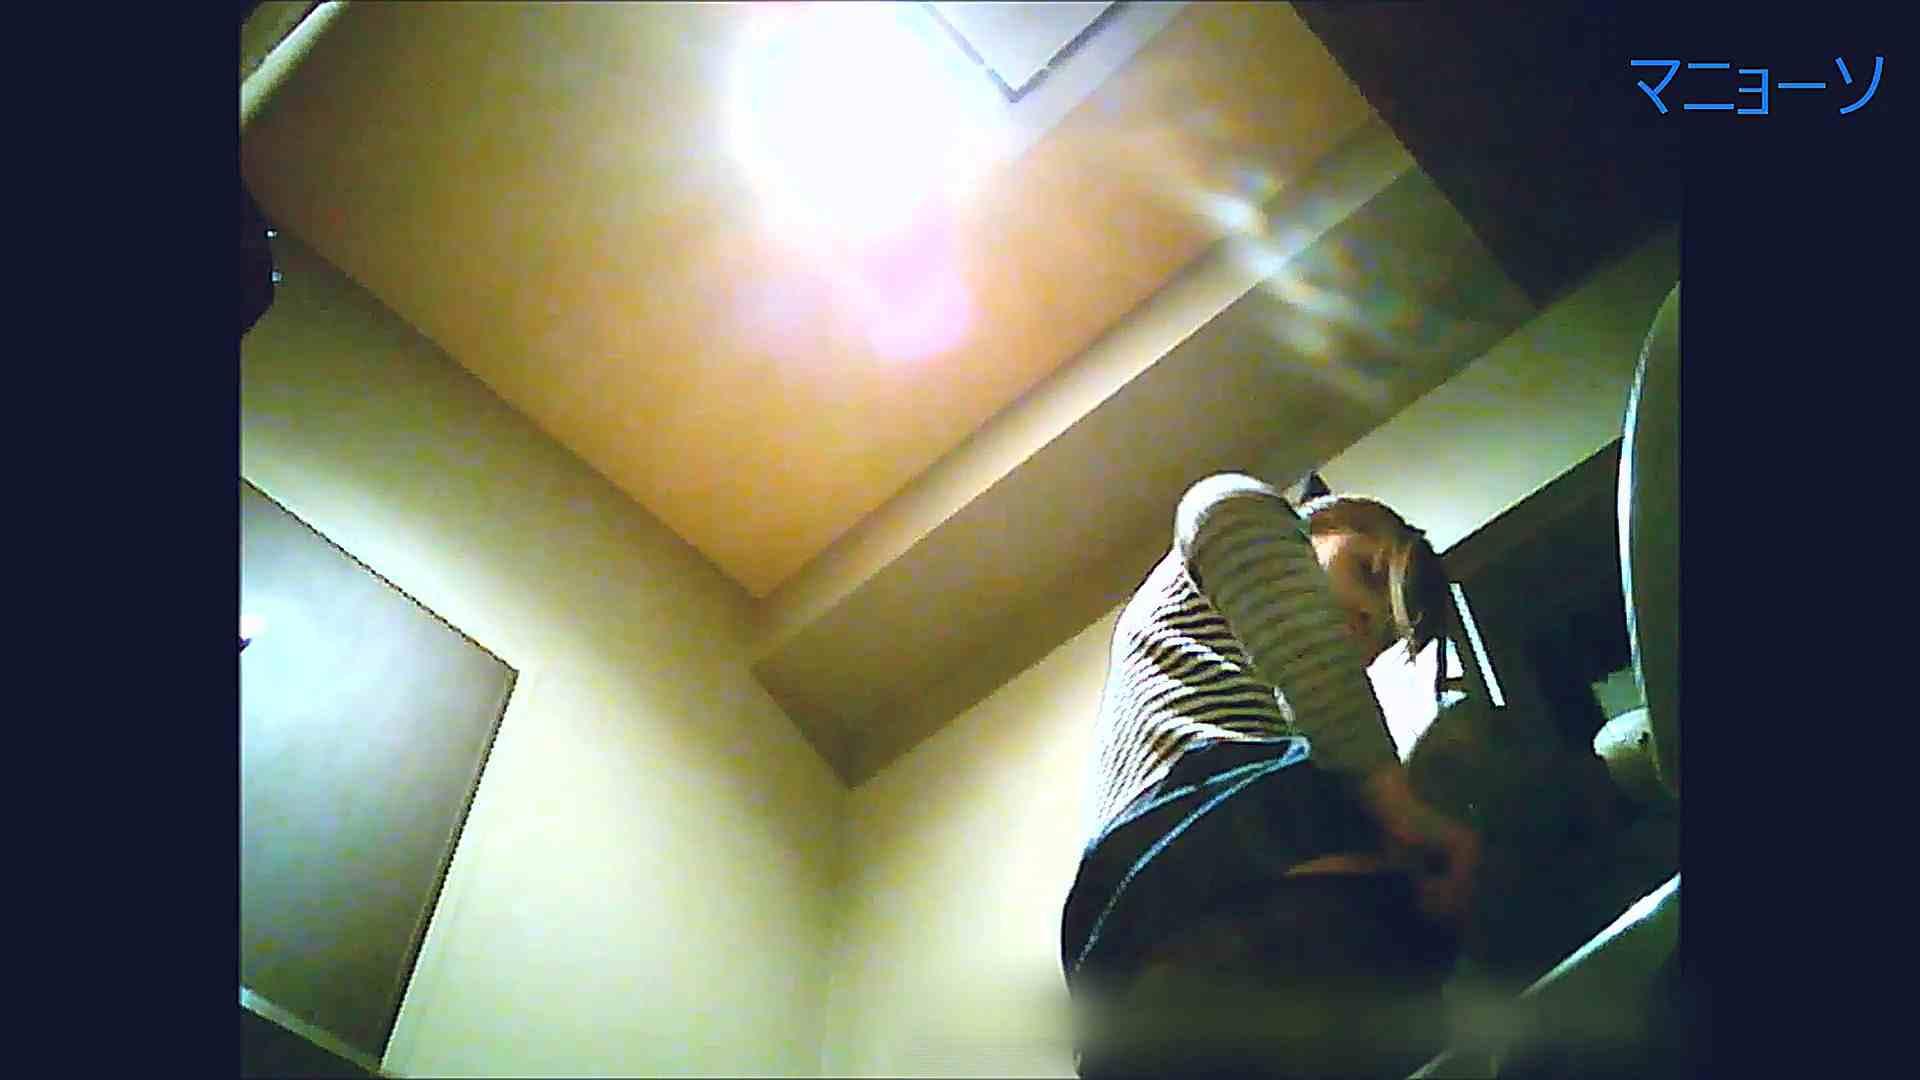 トイレでひと肌脱いでもらいました (OL編)Vol.12 エッチなお姉さん | 高画質動画  85画像 37